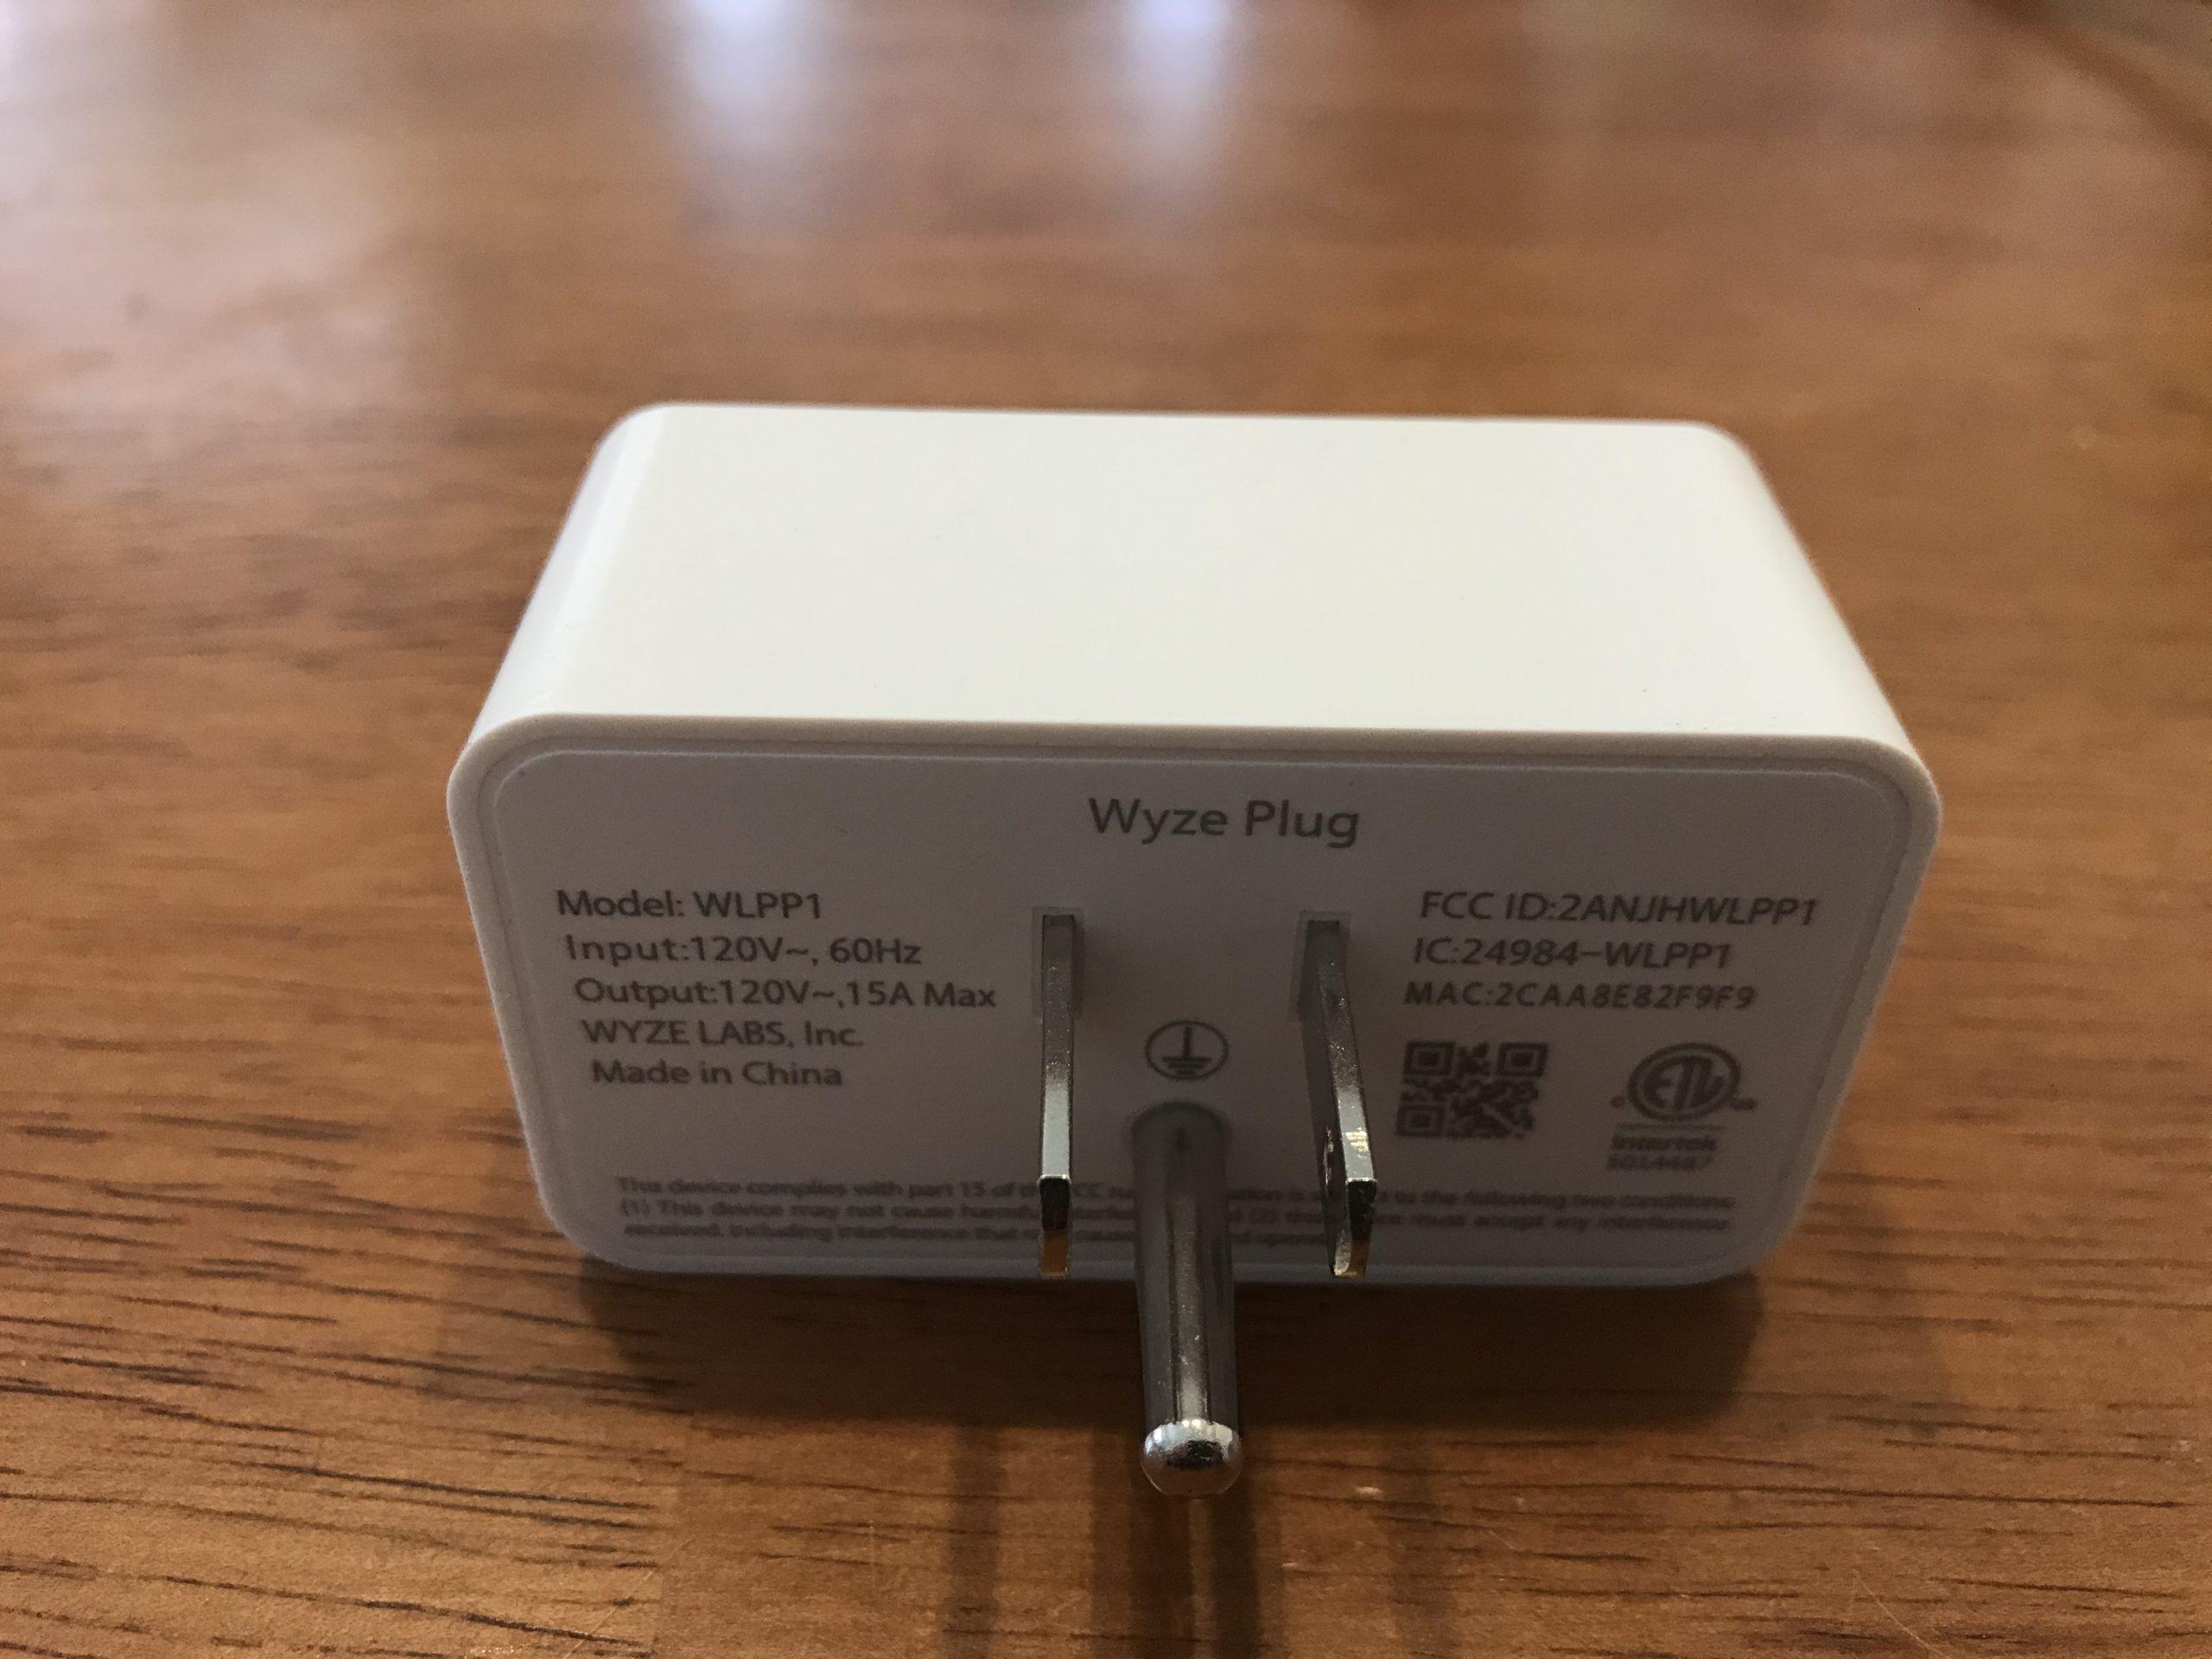 Wyze Plug Back